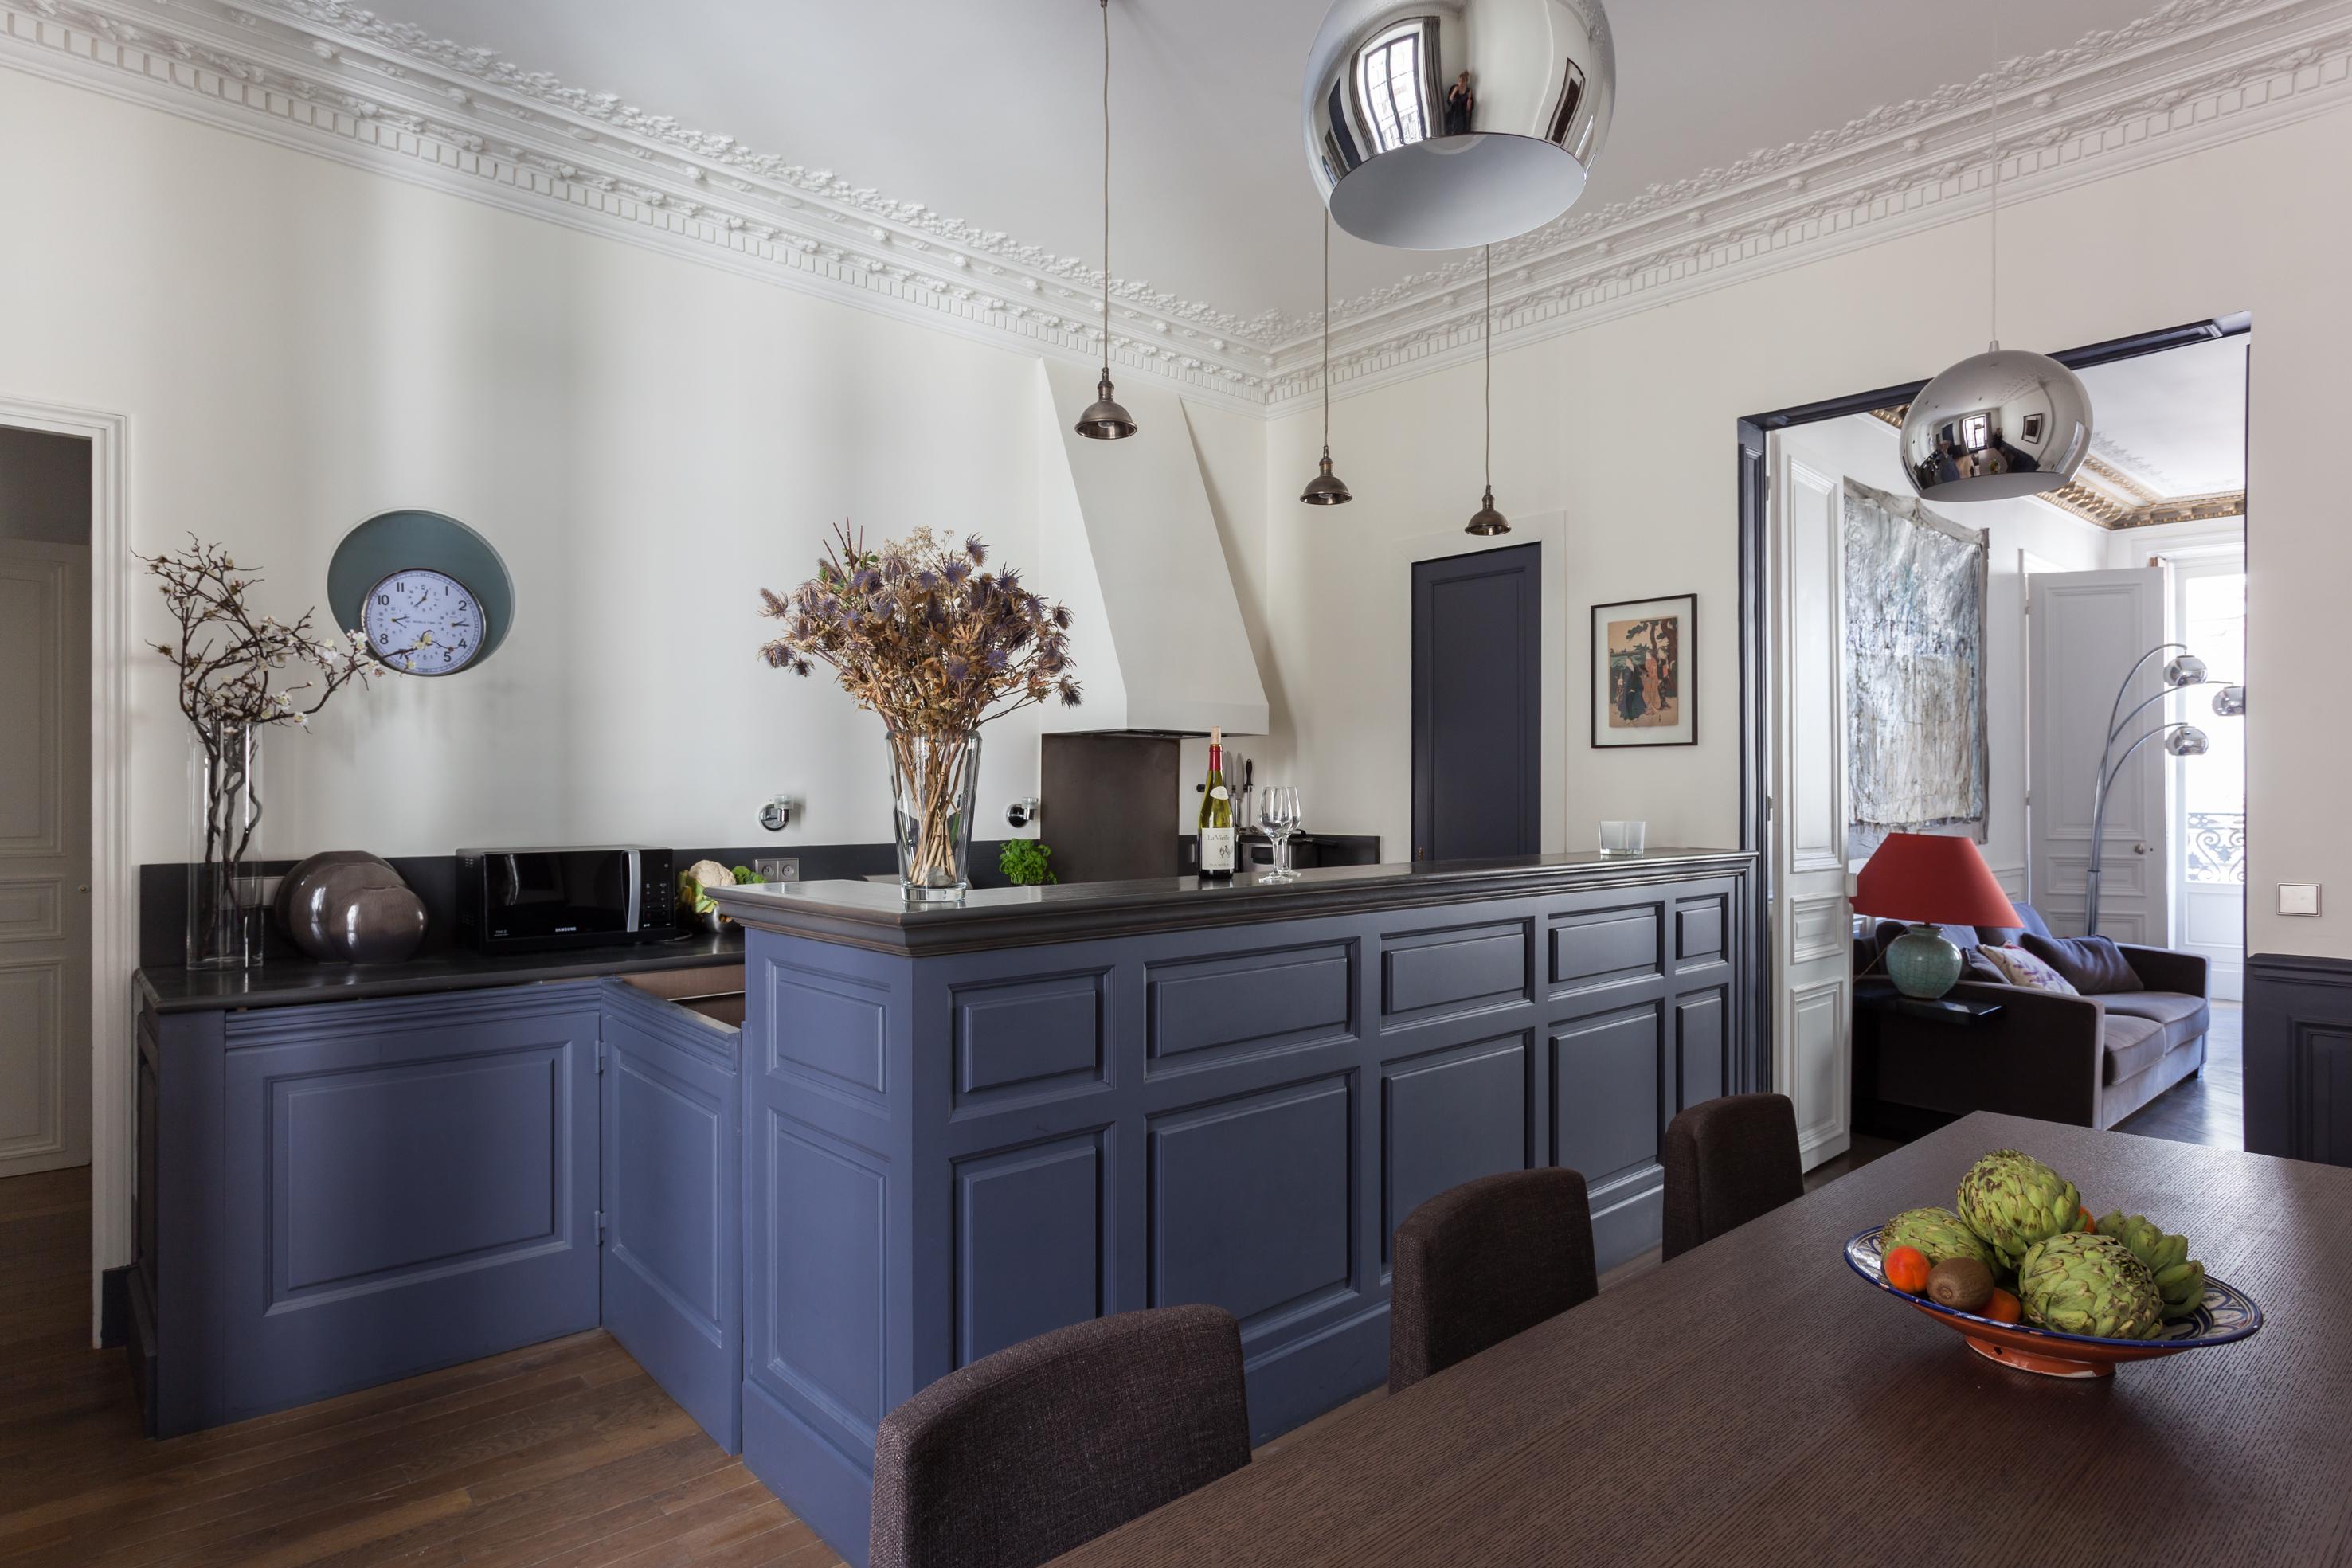 кухня светлые стены потолочные карнизы лепнина синие кухонные фасады кухонный остров